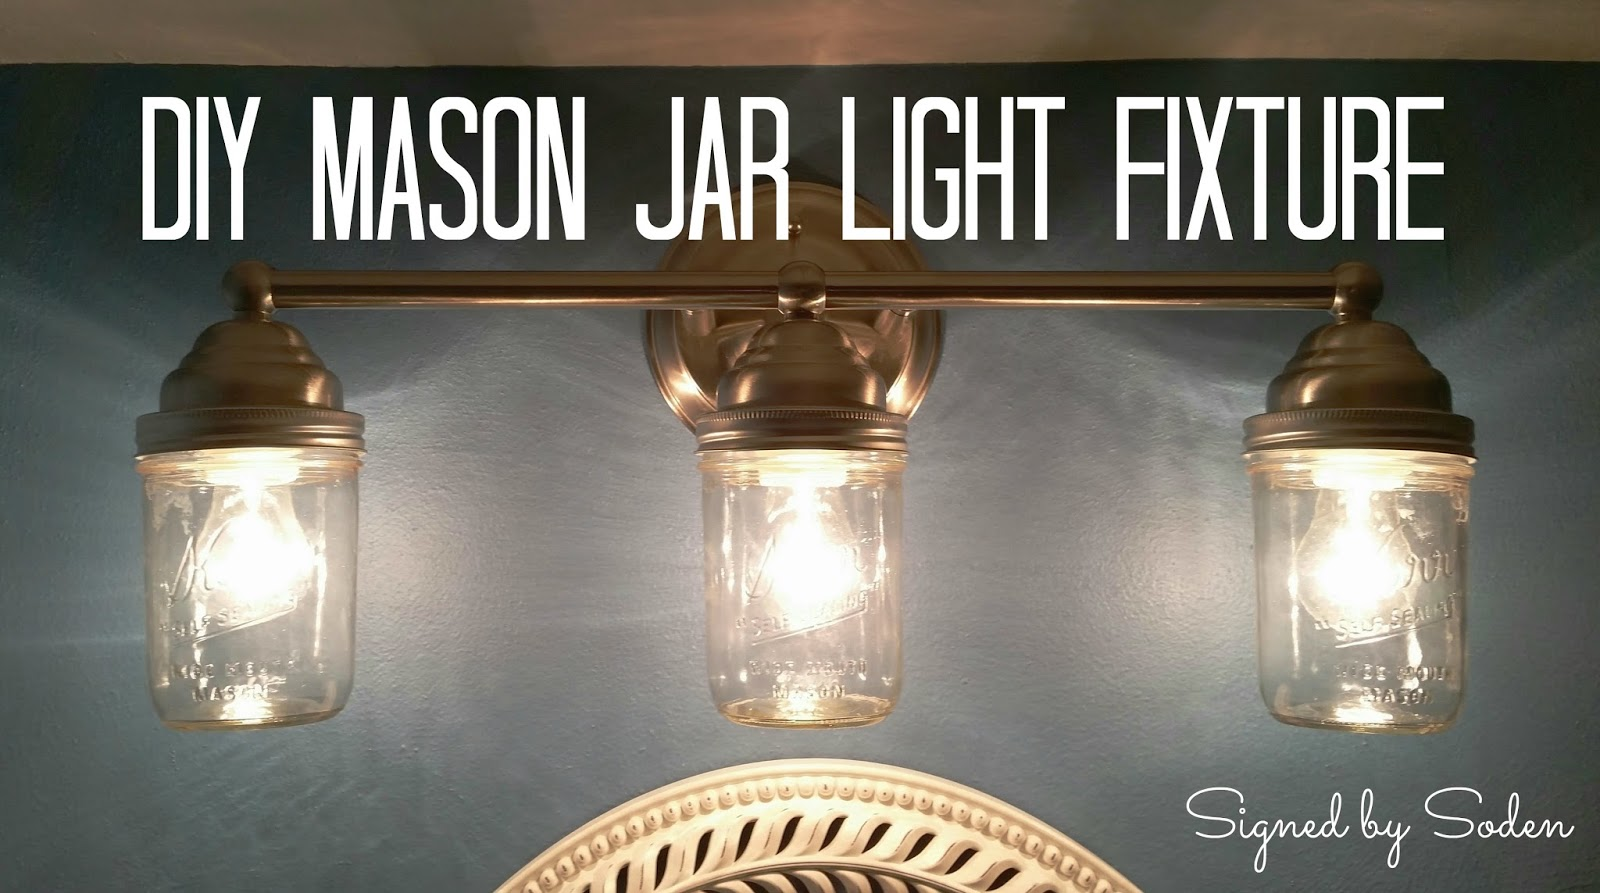 Diy mason jar light fixture signed by soden diy mason jar light fixture mozeypictures Image collections